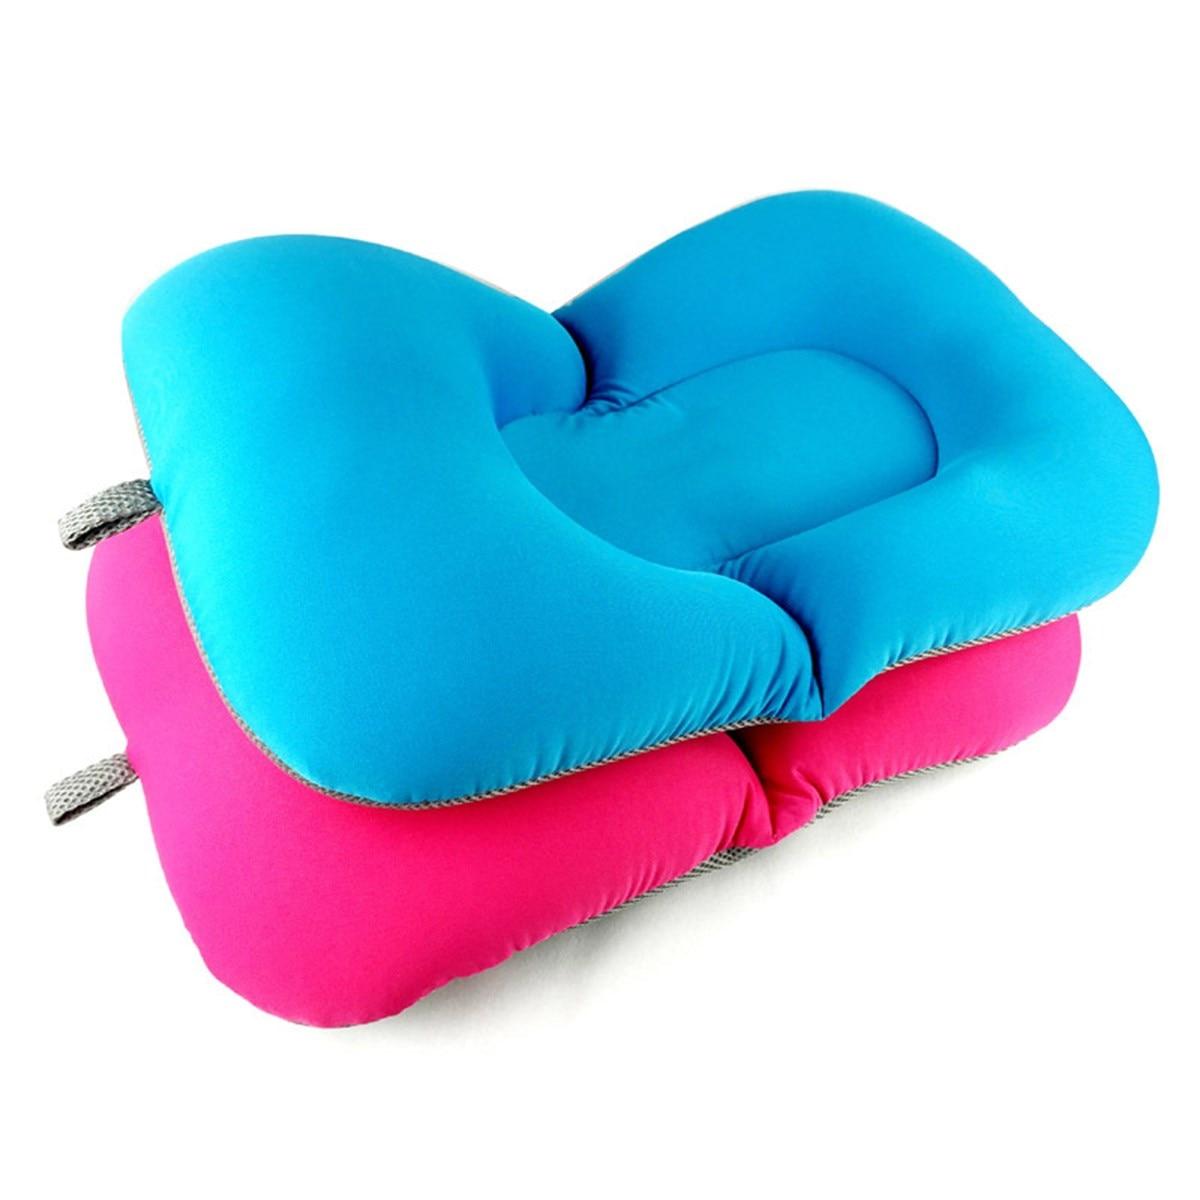 2 Colors Elastic Fabric Baby Bath Tub Air Cushion Lounger